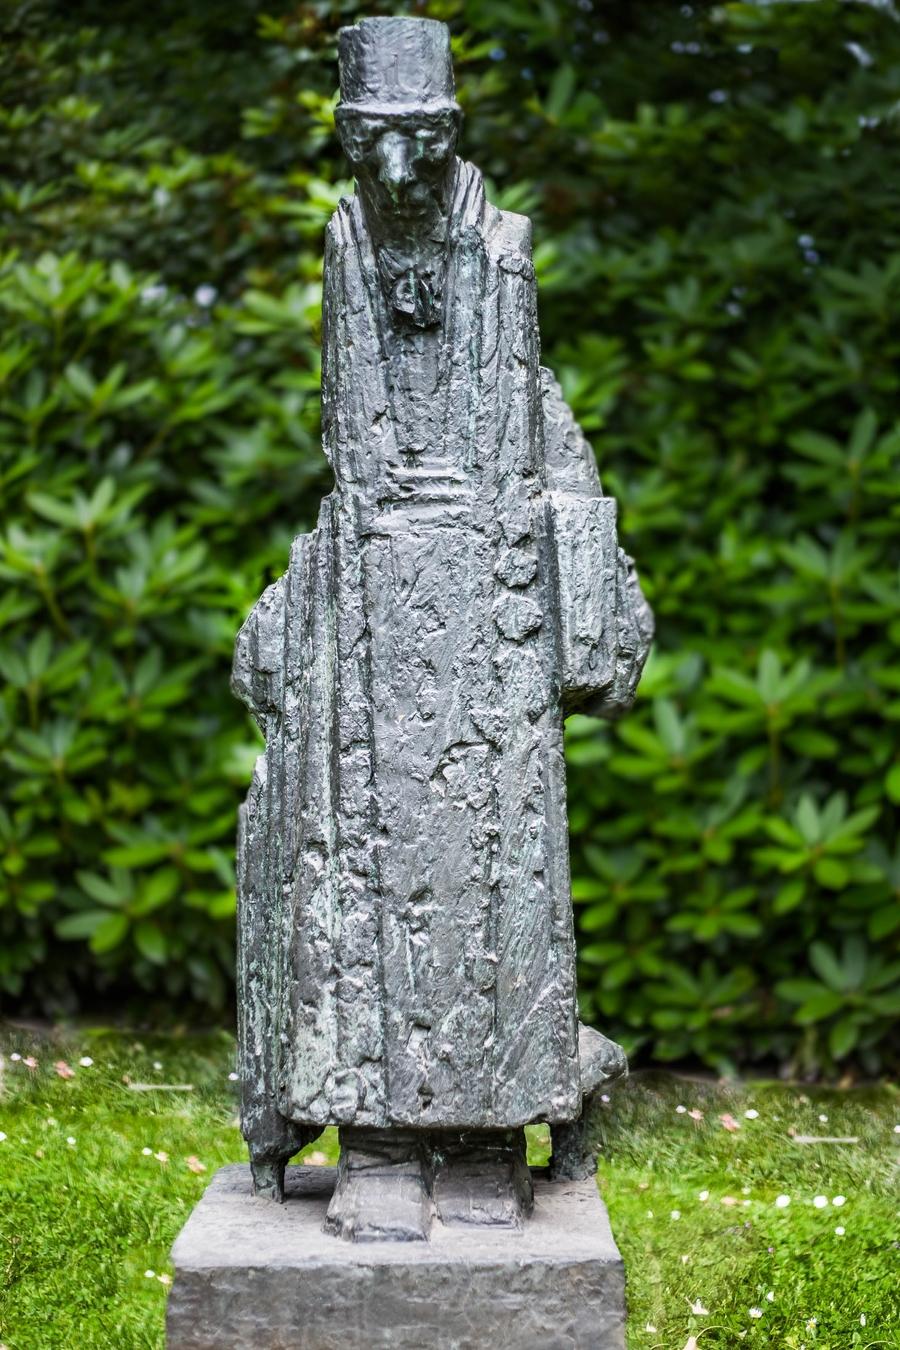 Standbeeld Keesje, het diakenhuismannetje